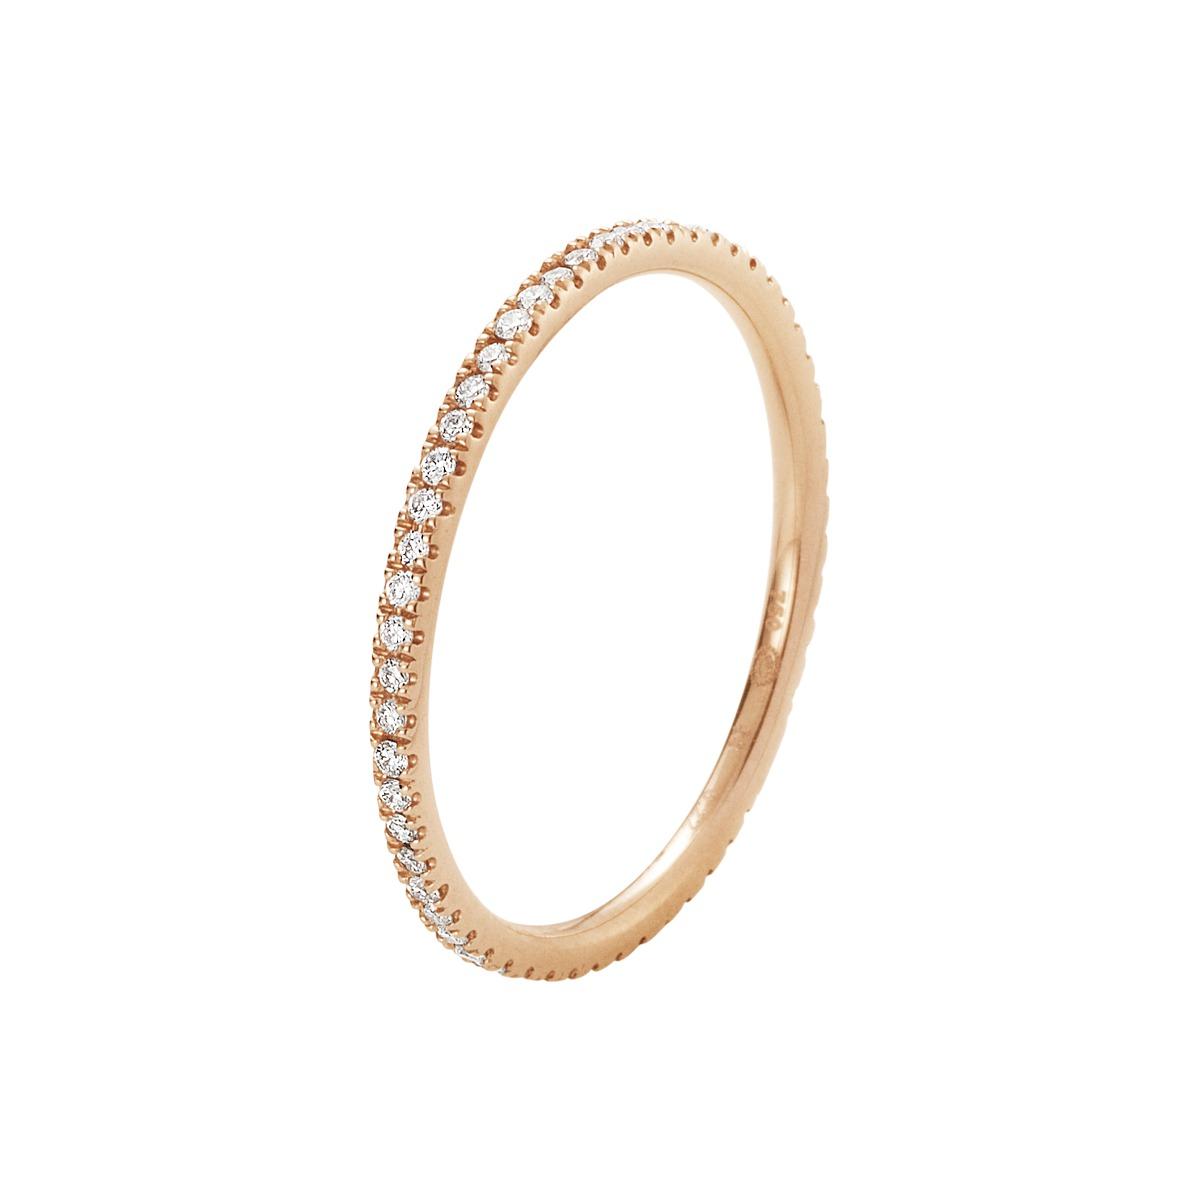 Georg Jensen CLASSIQUE ring - 3571540 Størrelse 54